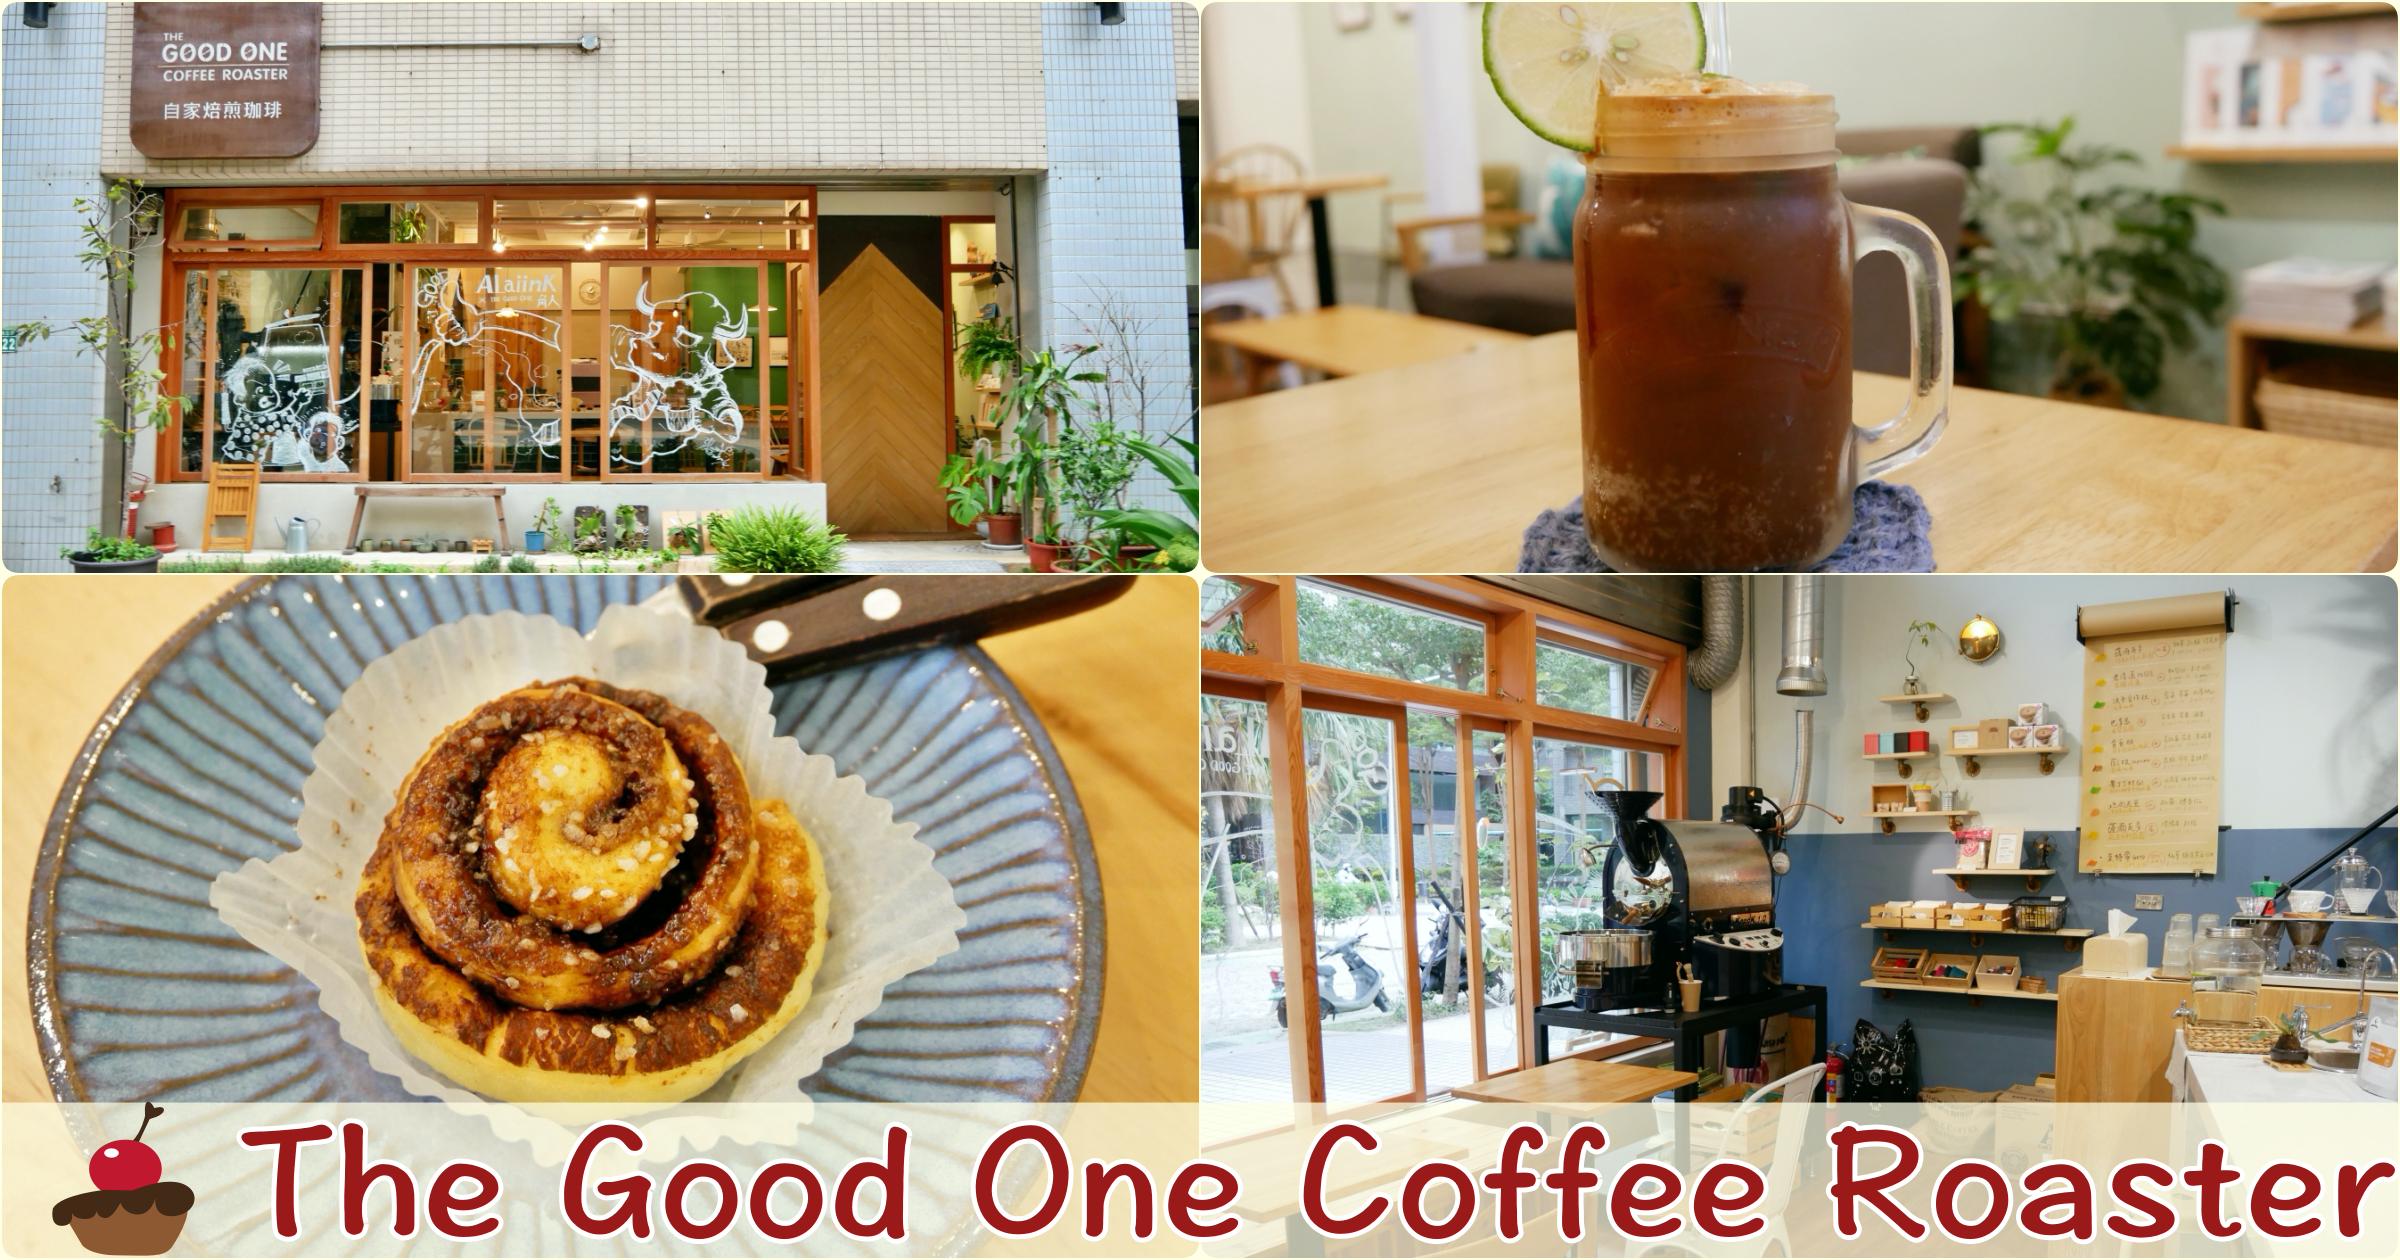 最新推播訊息:[桃園美食]寶山商圈 The Good One Coffee Roaster~隱藏在巷弄之中充滿咖啡香的自家焙煎珈琲